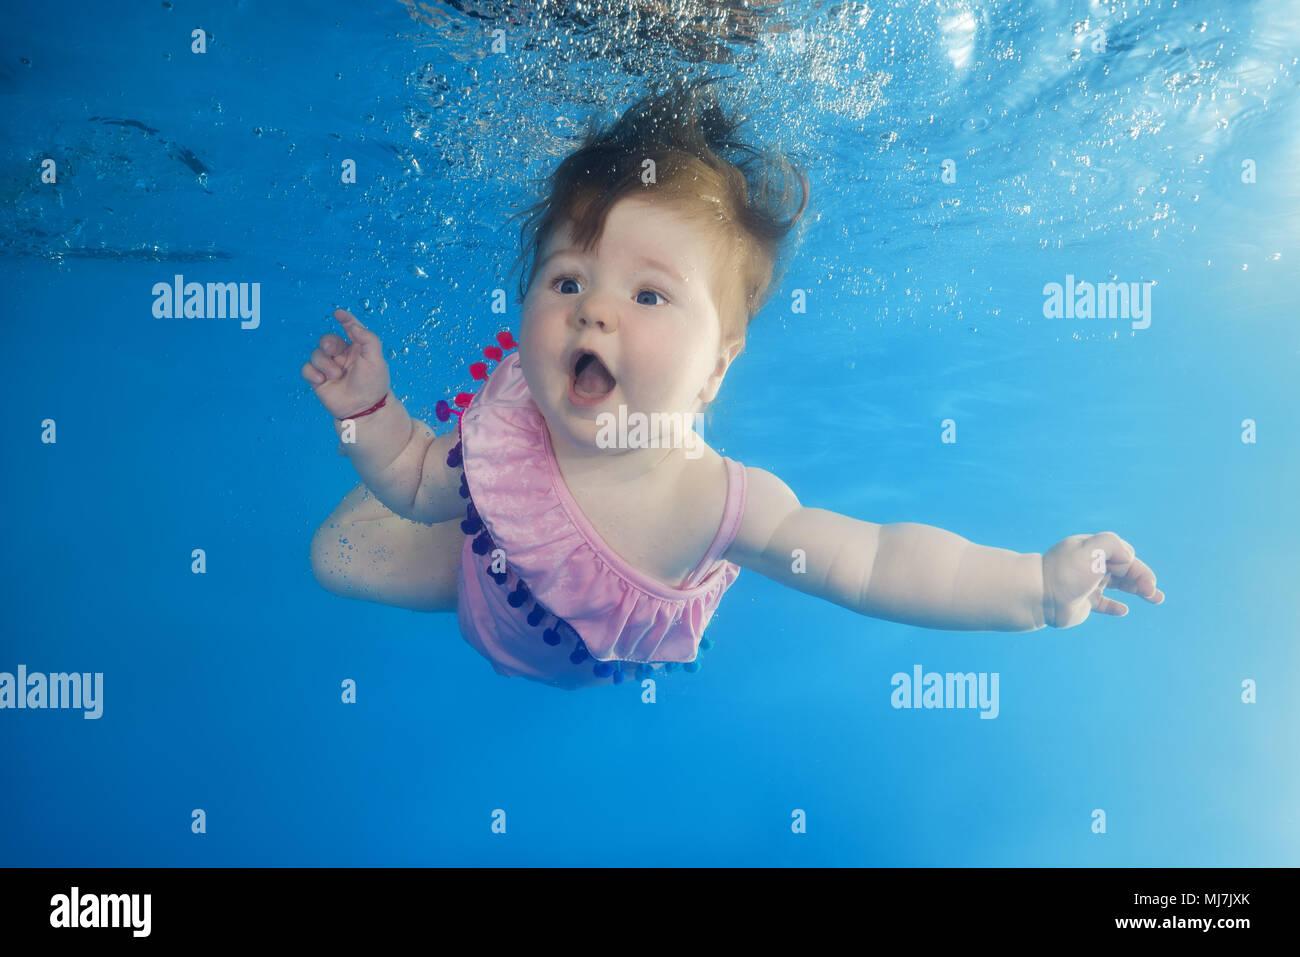 Petite fille avec une bouche ouverte nager sous l 39 eau dans - Nager dans une piscine ...